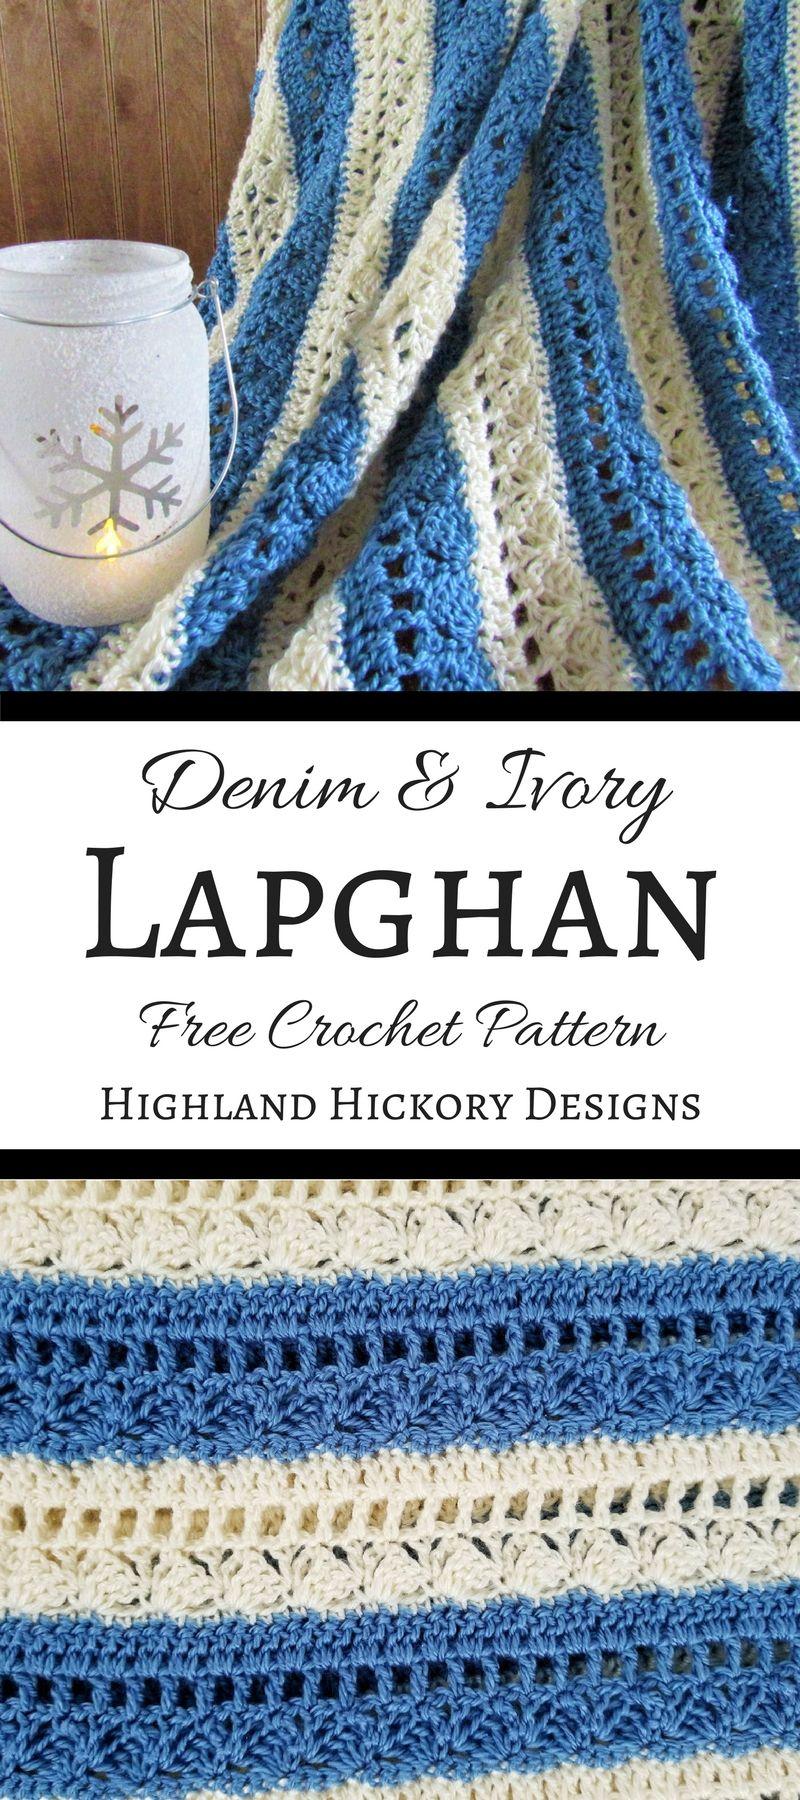 Denim & Ivory Lapghan